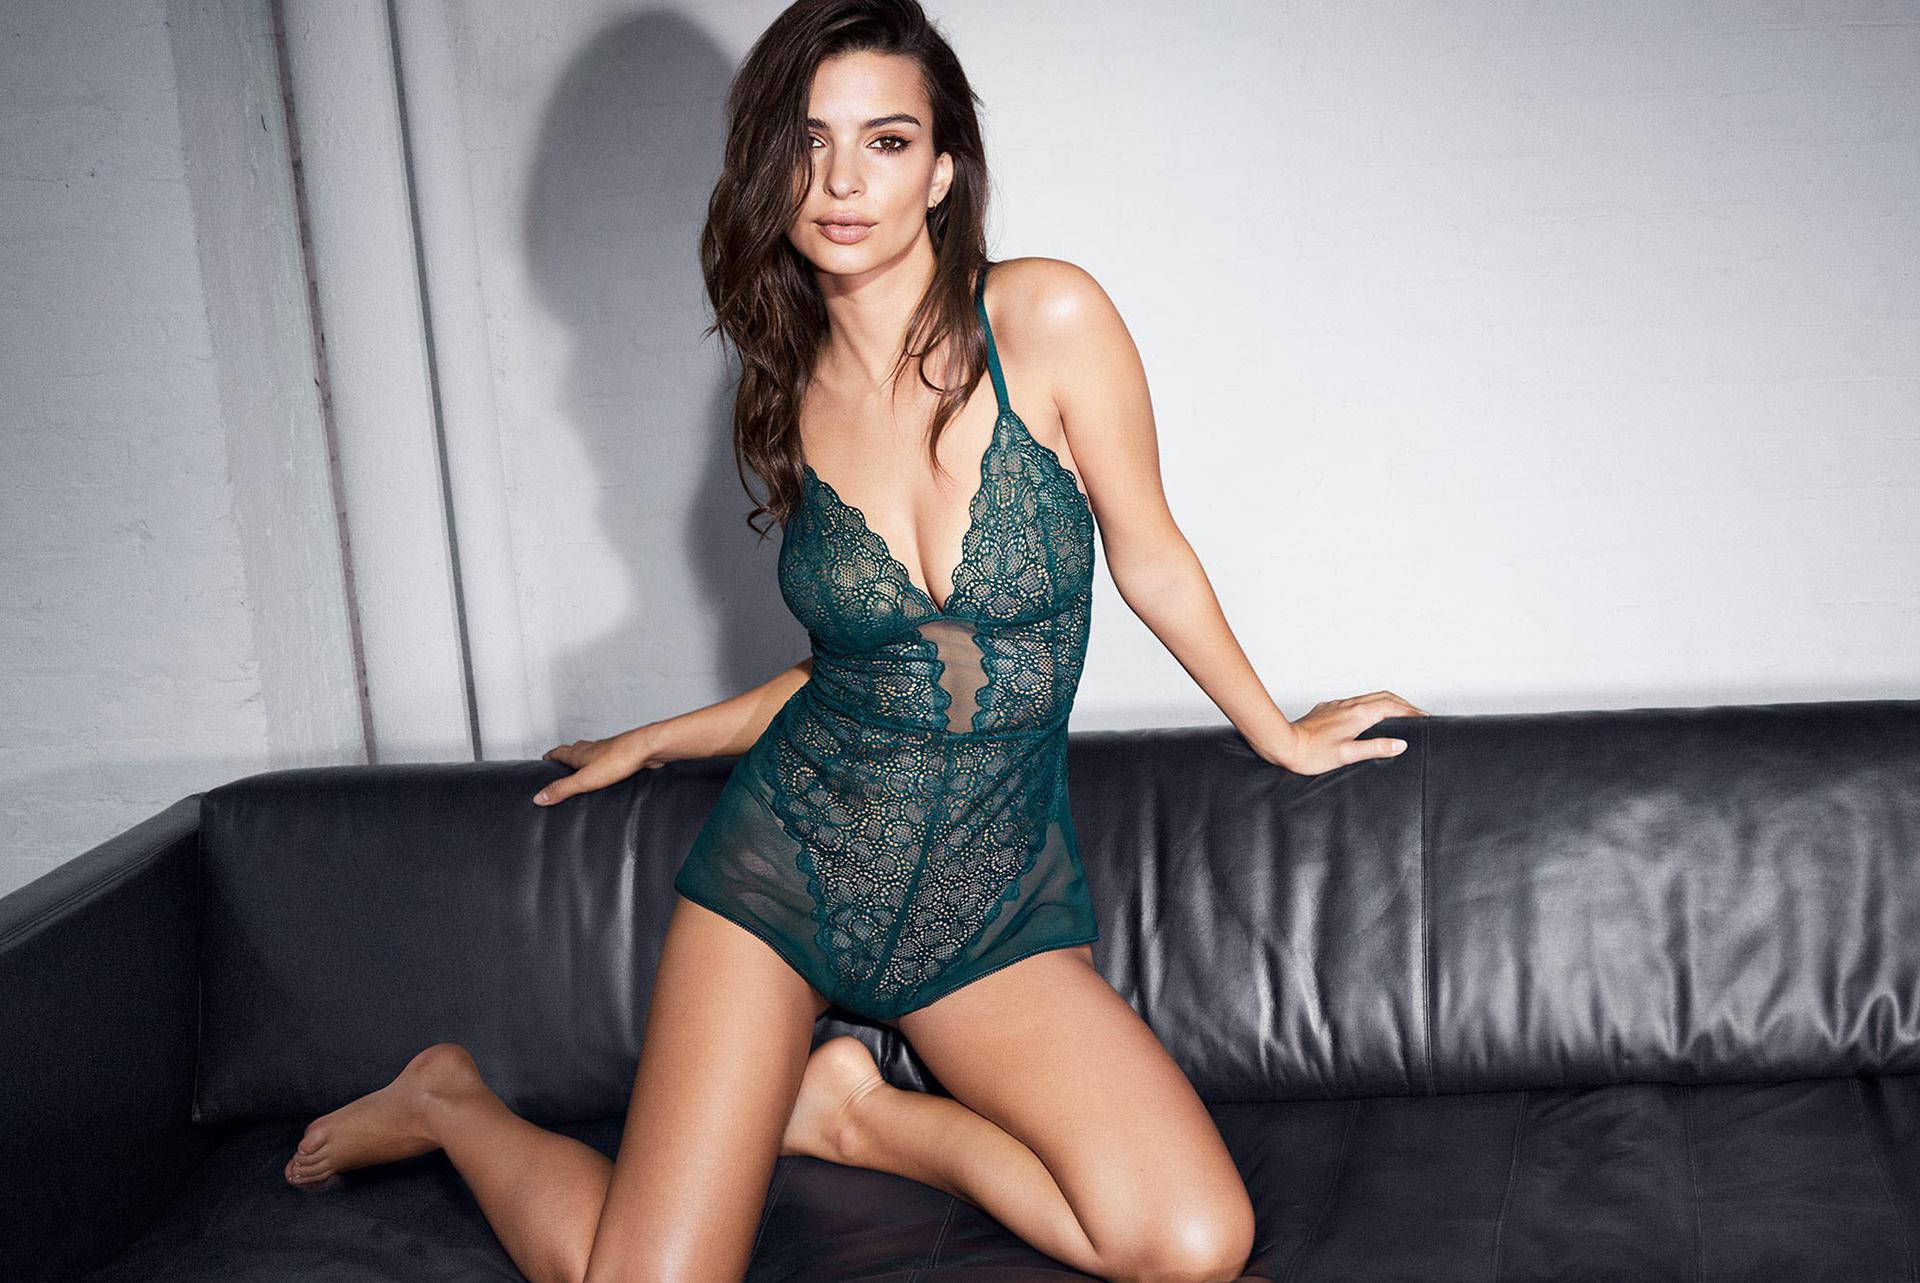 Un sensual body en verde petróleo no faltó en la colección. De encajes y con transparencias en gasa